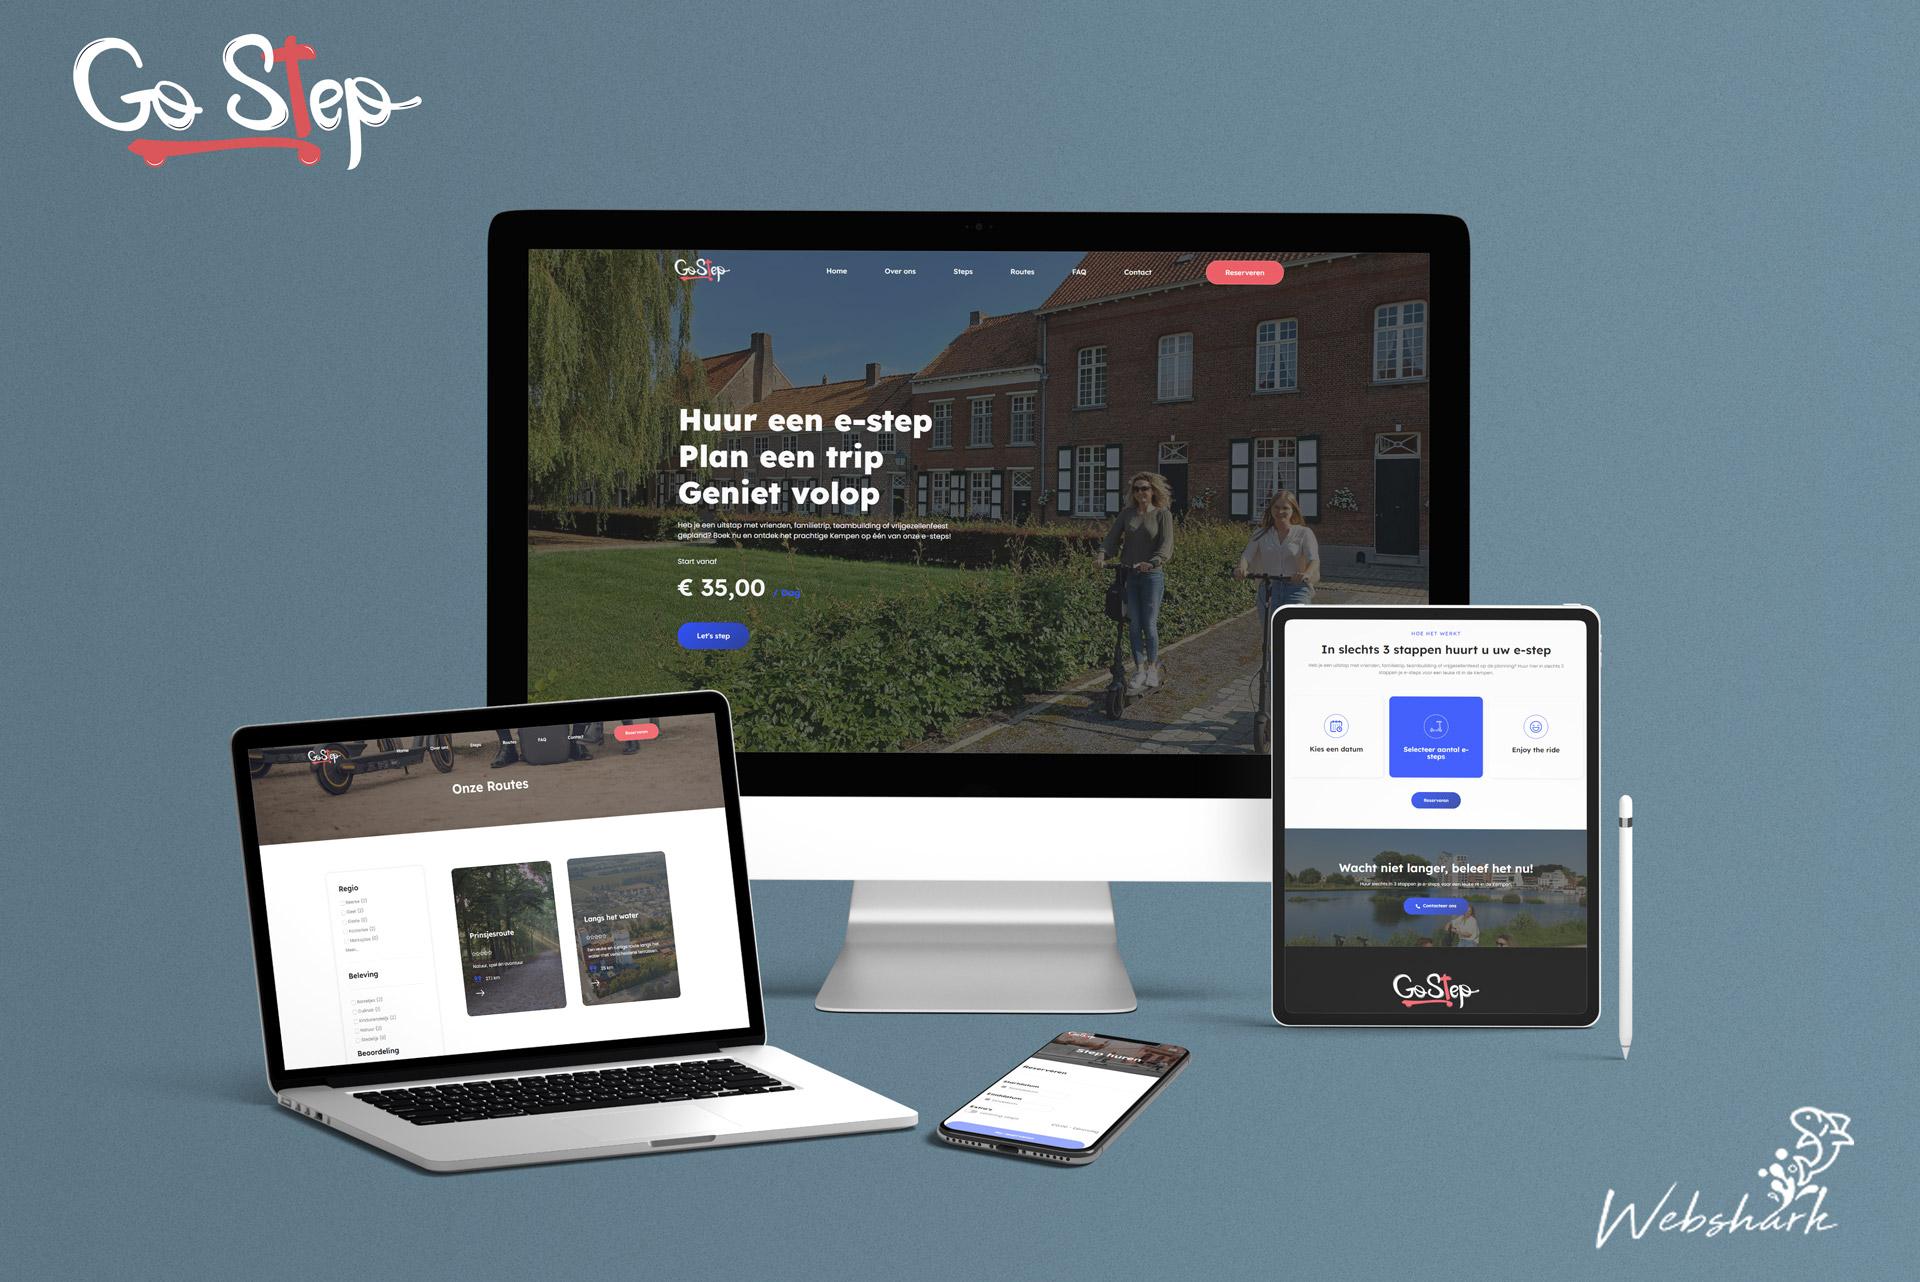 Webshark Go Step Webdesign